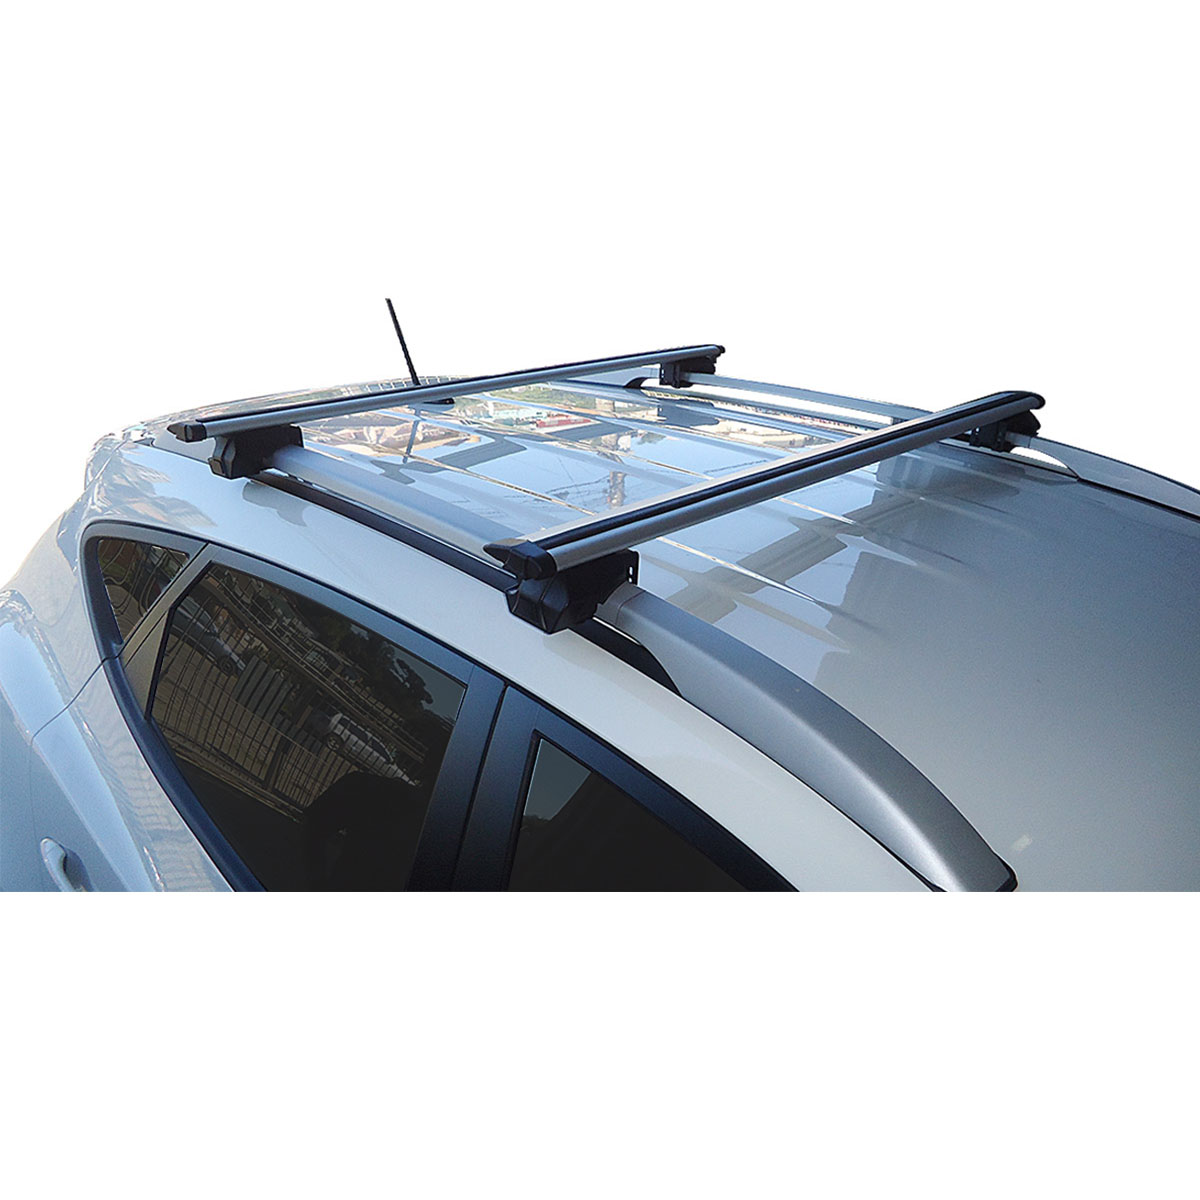 Travessa rack de teto Procargo IX35 2011 a 2017 com trava de segurança